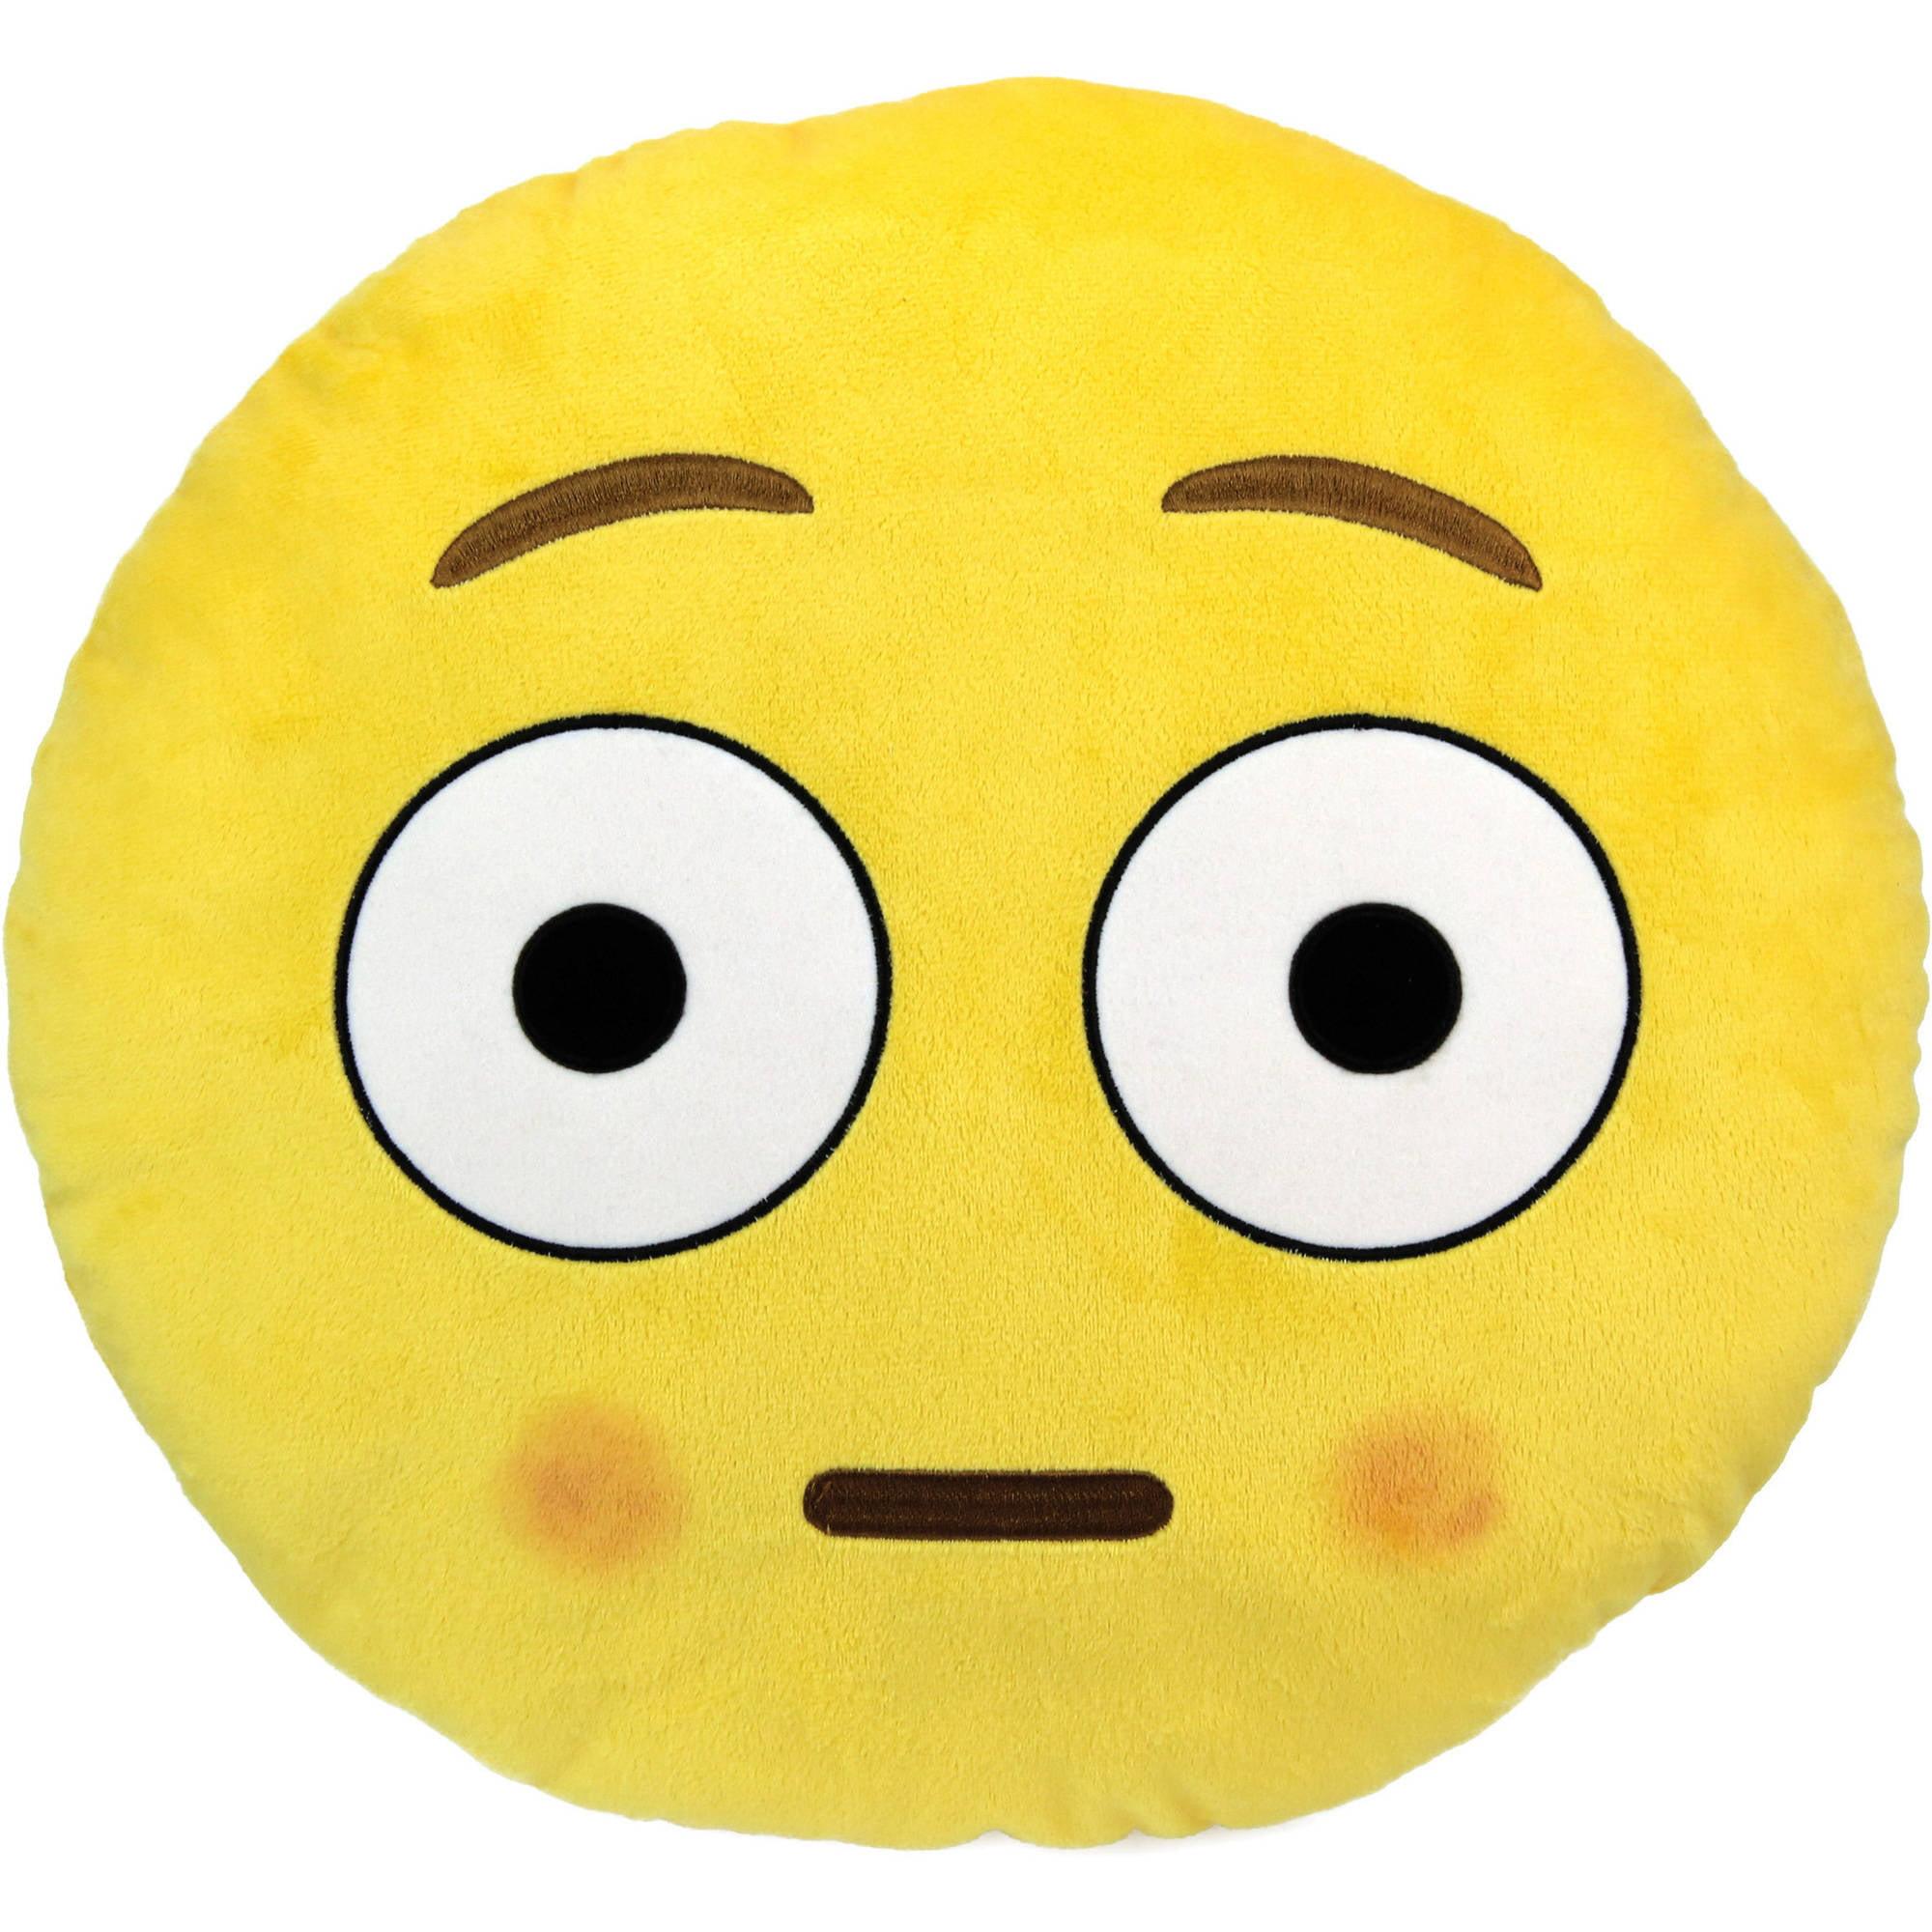 Emoji Large Pillow, Blushed Face